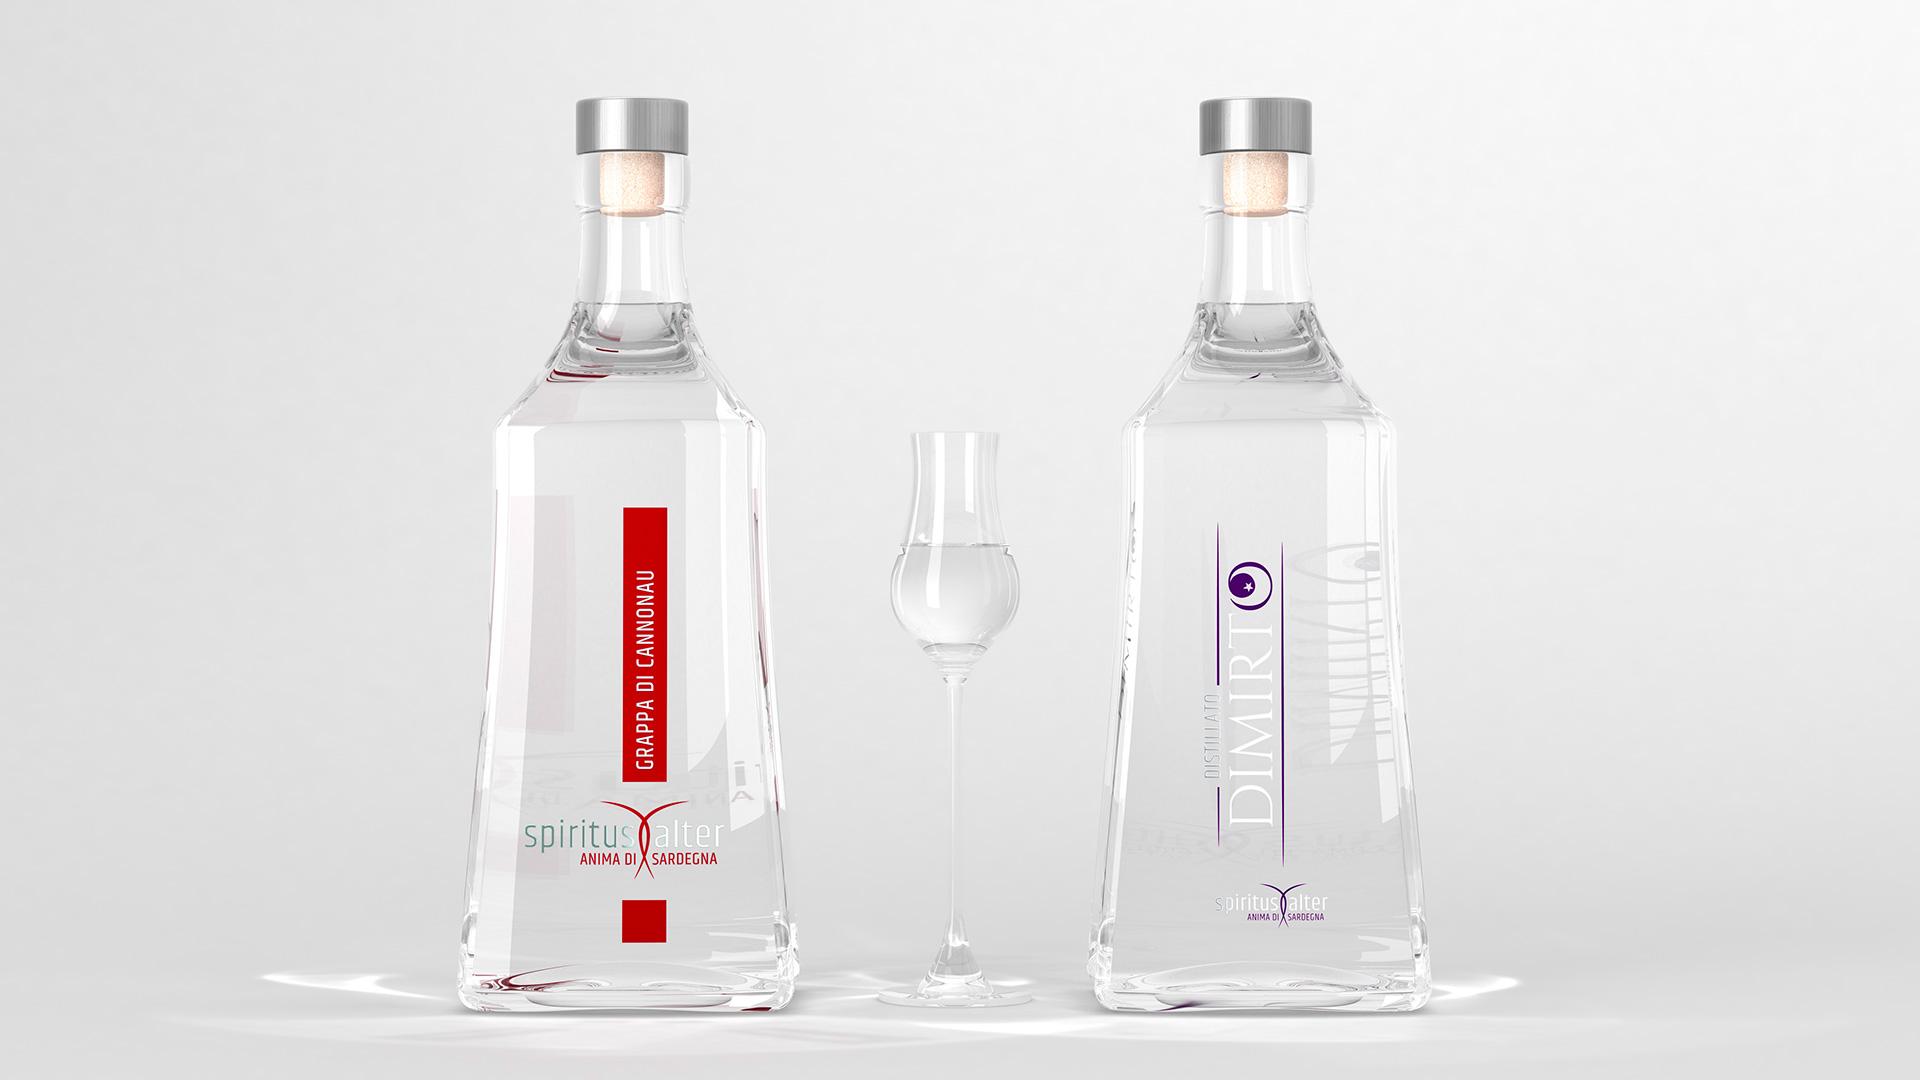 Distillati Spiritus Alter